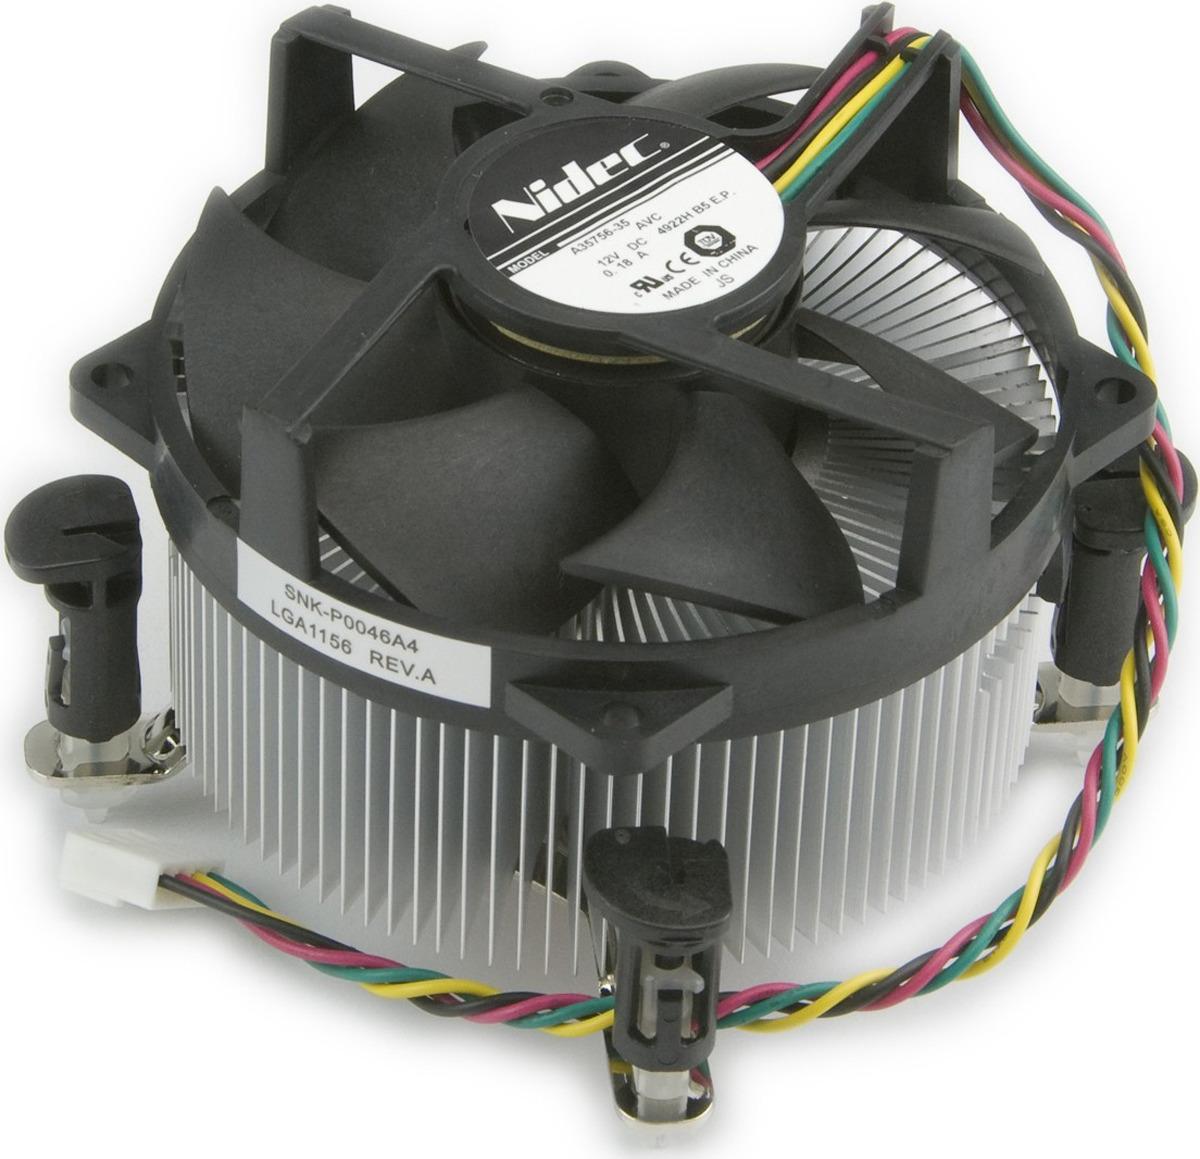 лучшая цена Радиатор SuperMicro SNK-P0046A4 2U Active Soc-1156